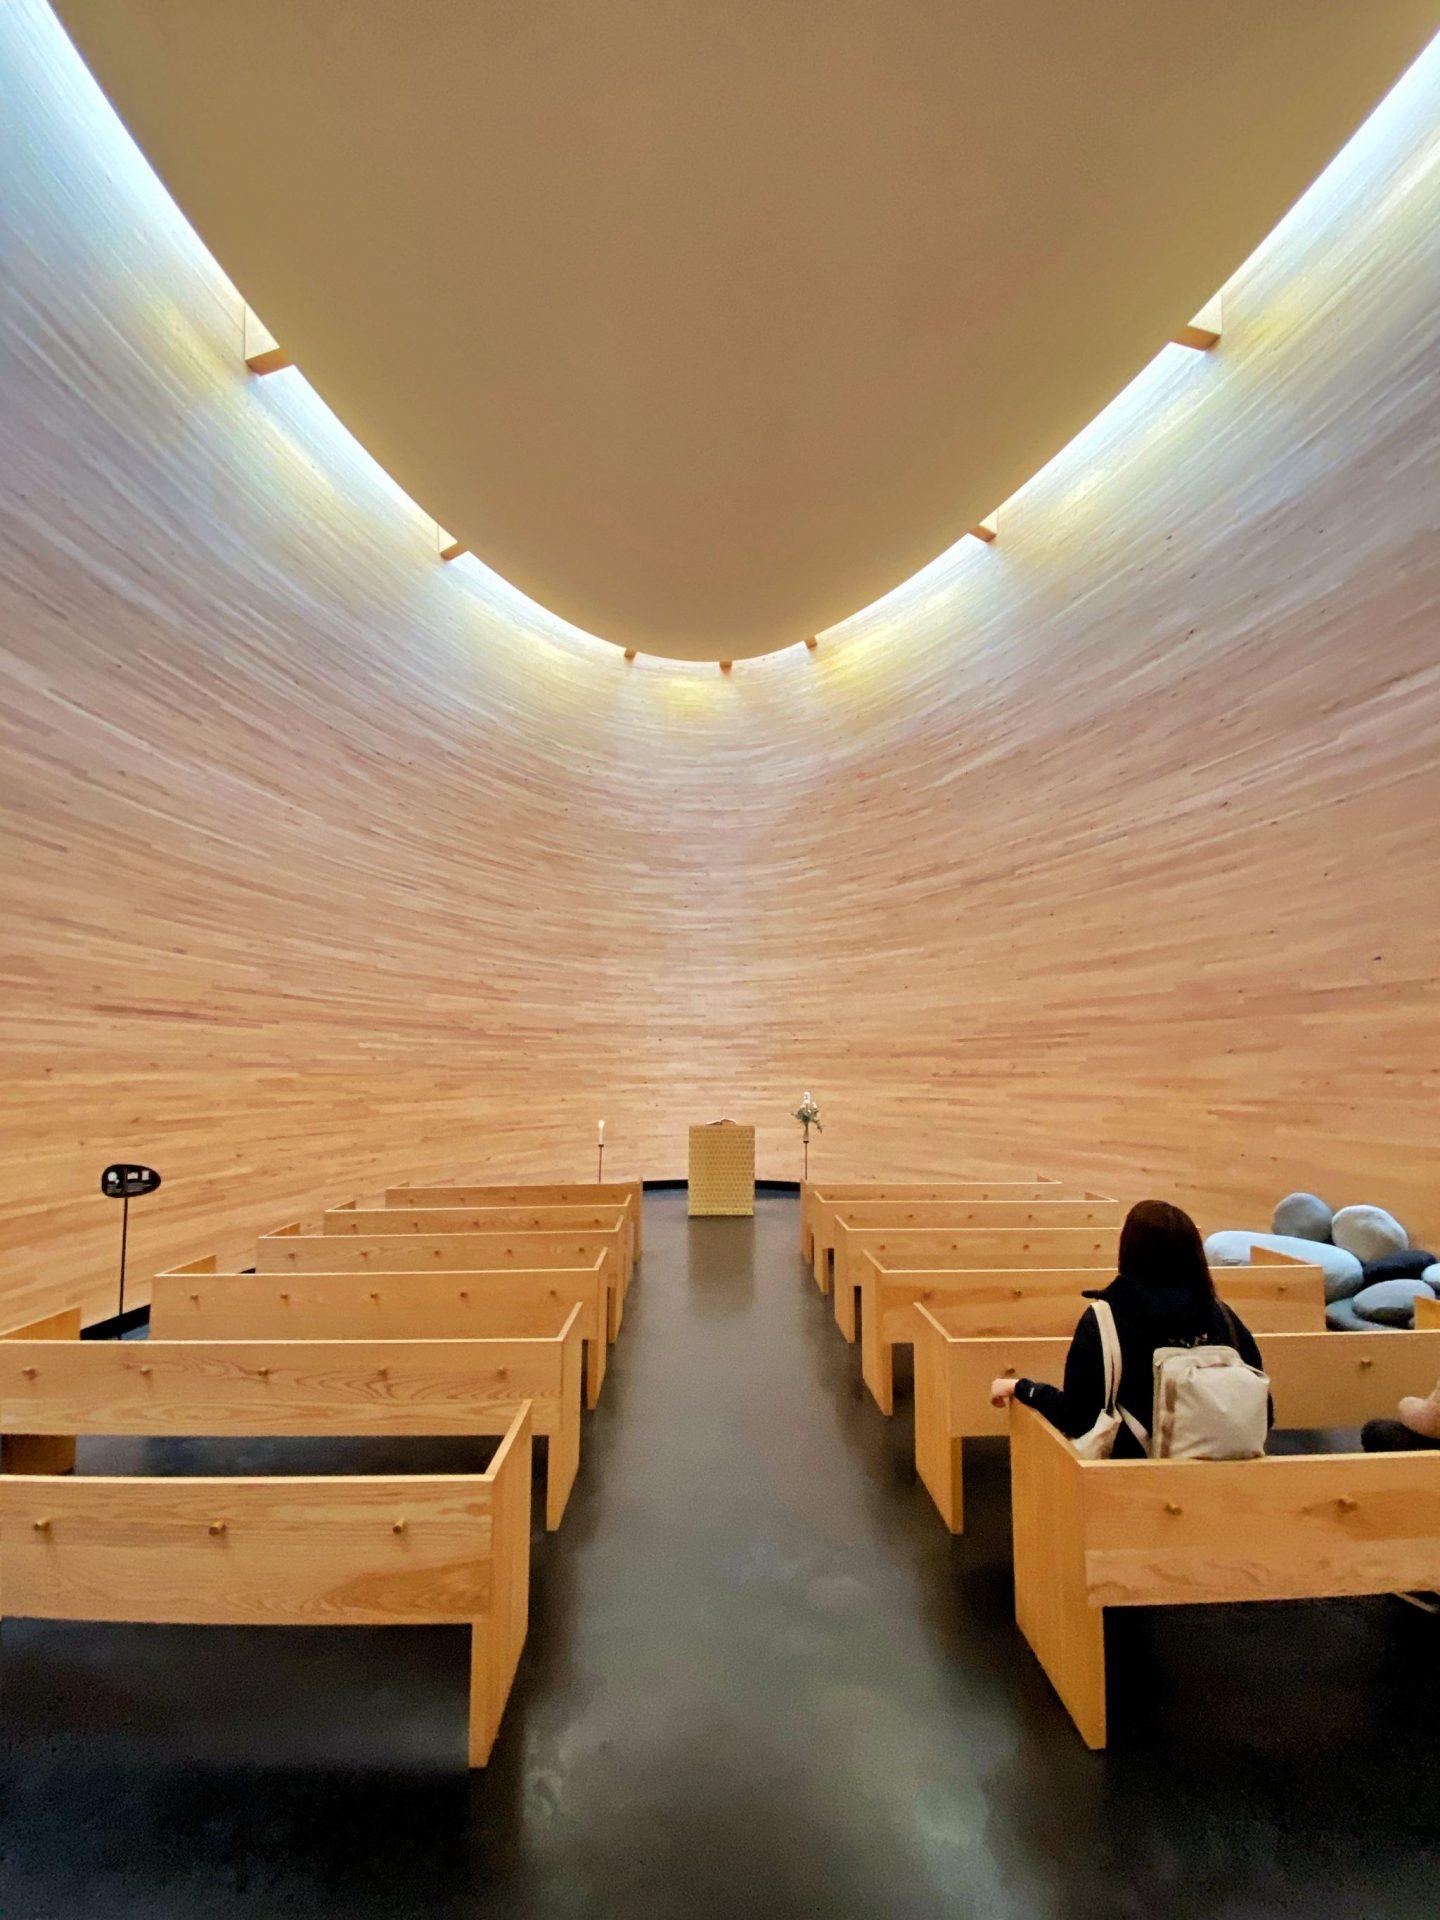 Chapel of Silence, Helsinki